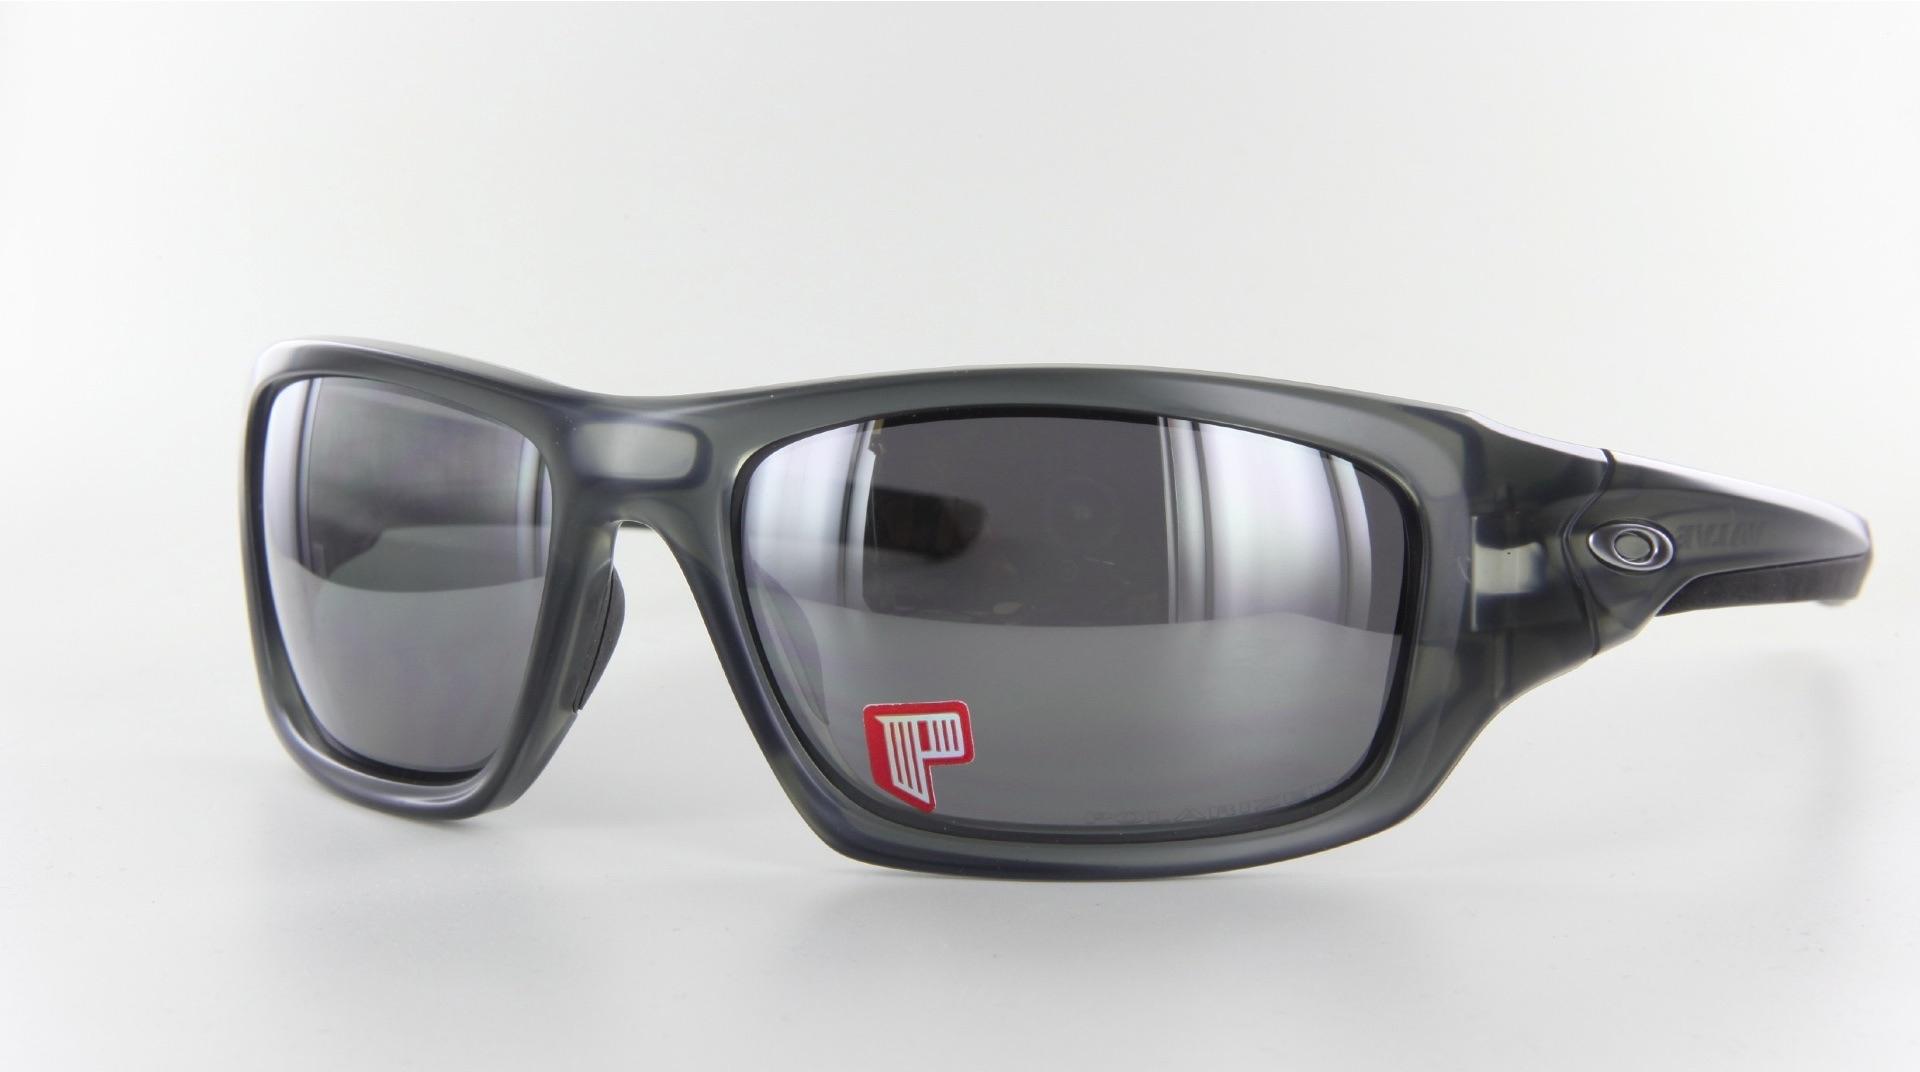 Oakley - ref: 71665